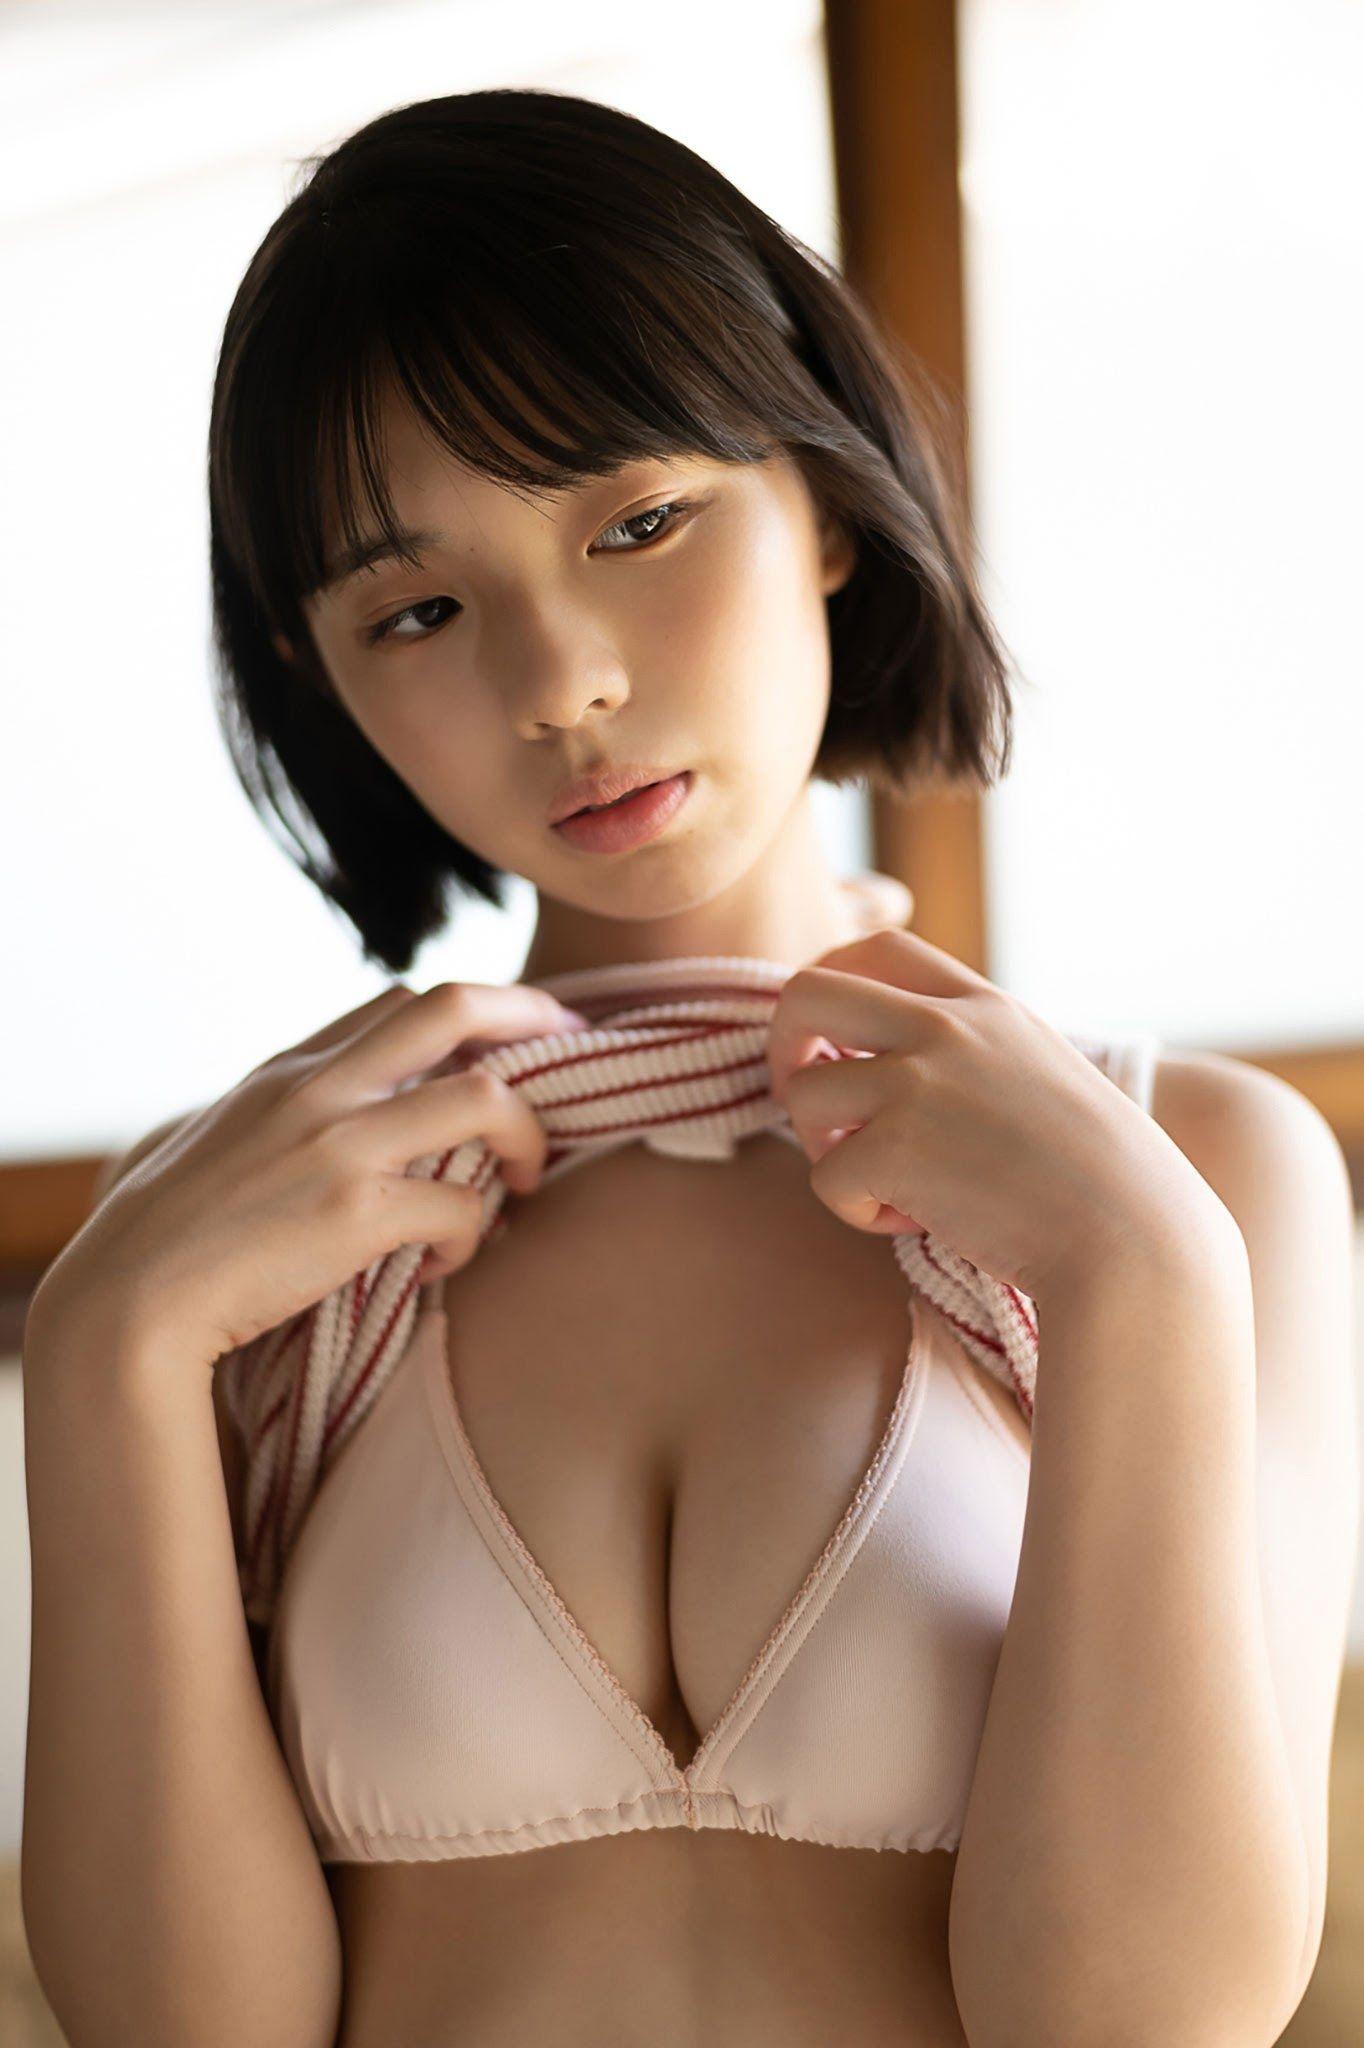 菊地姫奈 最新グラビア含む水着画像 29枚 - マブい女画像集 女優・モデル・アイドル | 水着, 女 画像, ヤンマガ